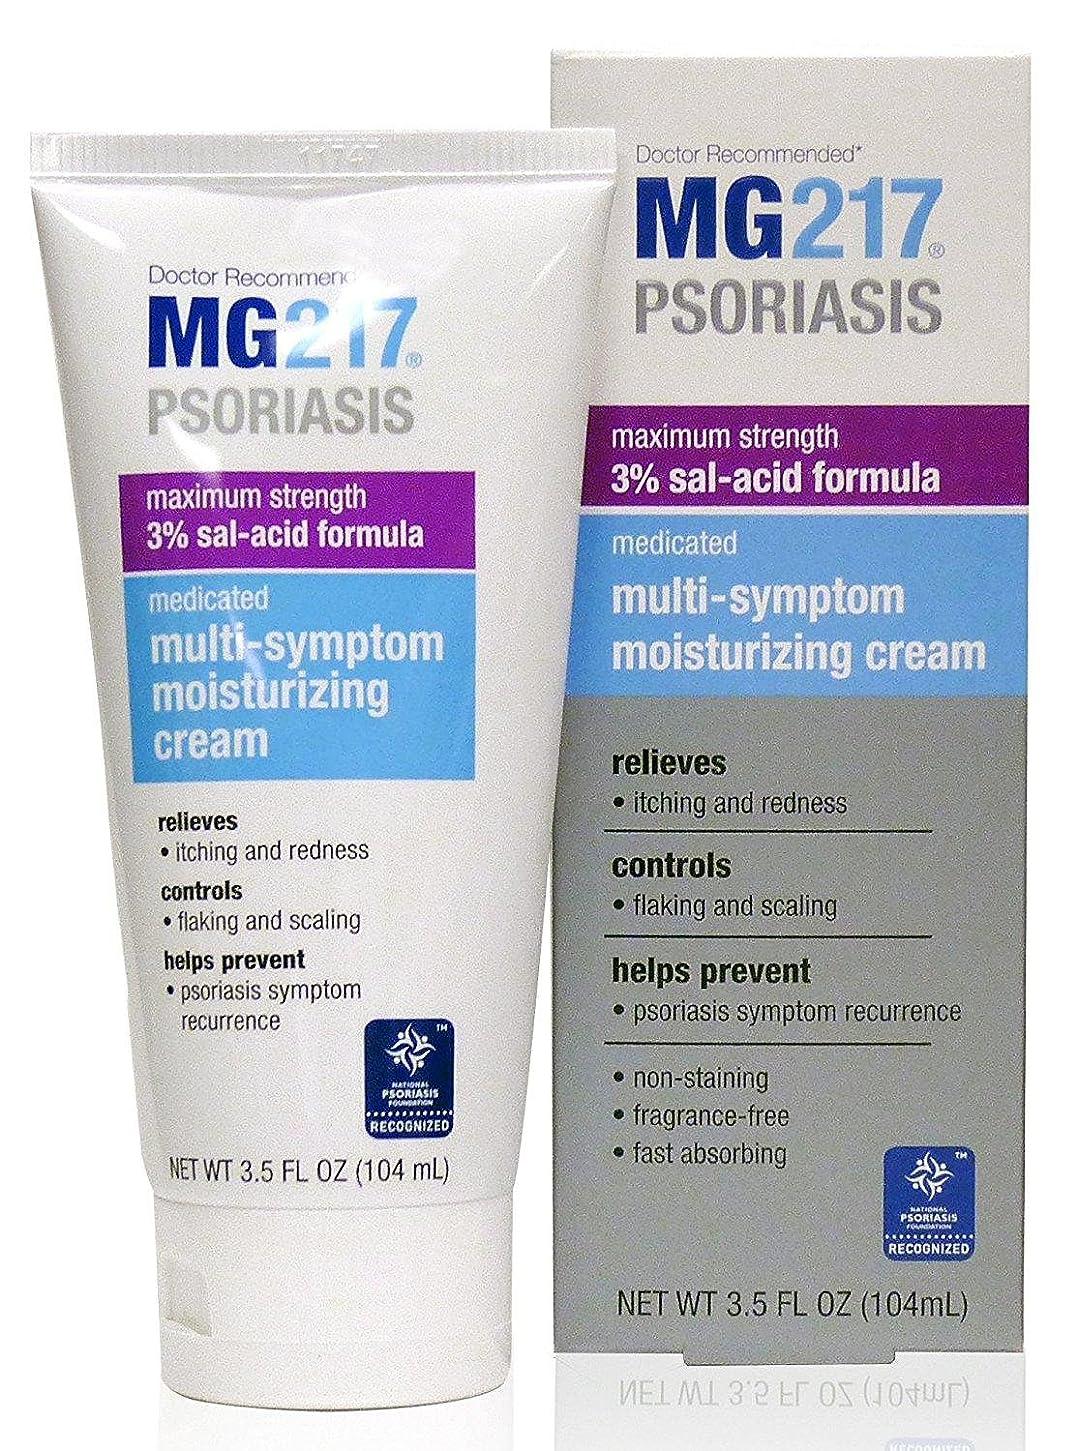 大腿セーブとても国際乾癬協会推奨商品 乾癬用 MG217 クリーム MG217 Psoriasis Cream 104ml [並行輸入品]